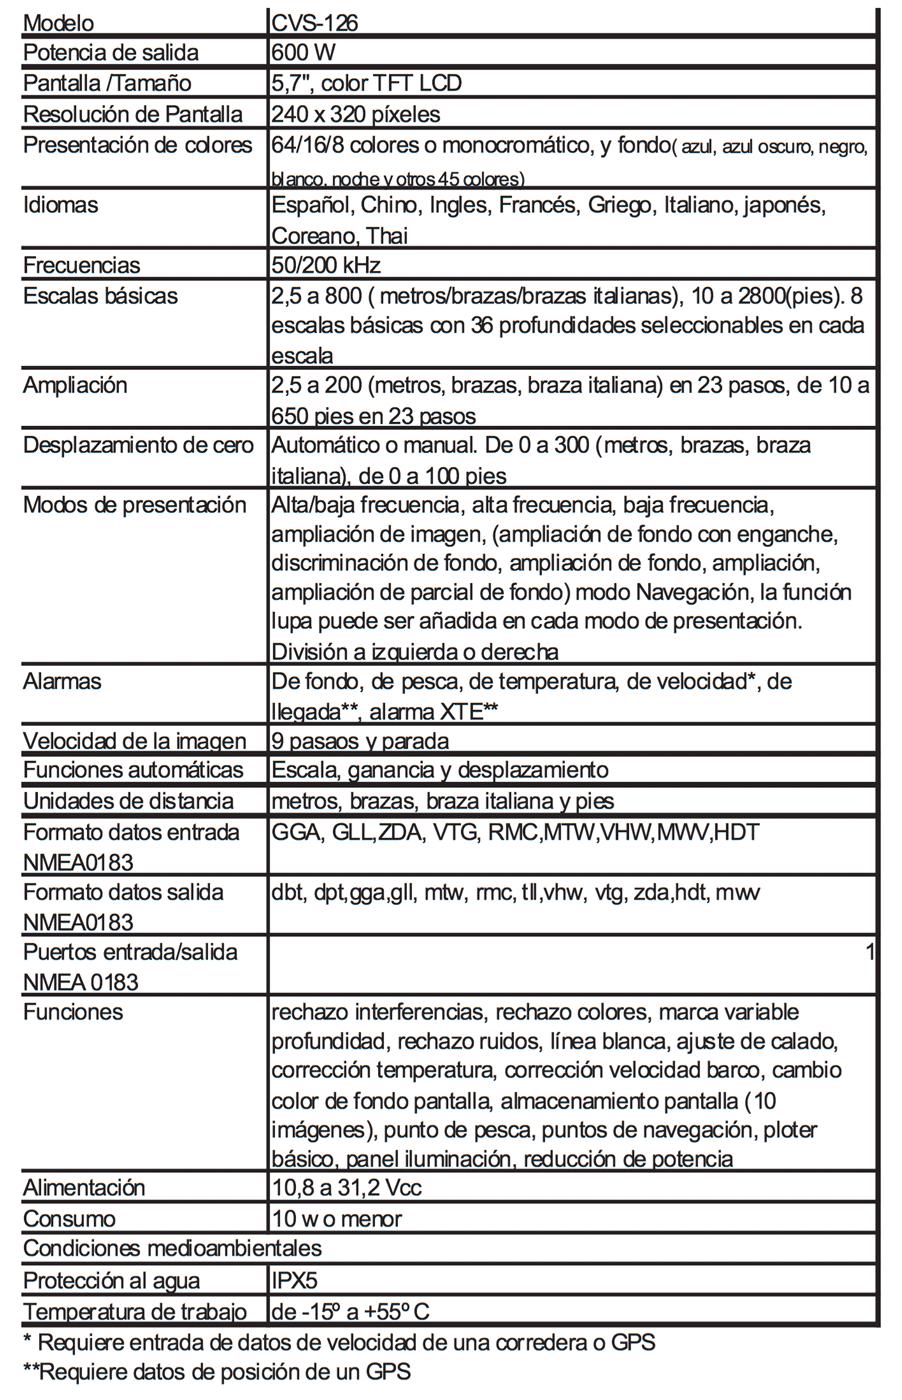 Especificaciones técnicas Koden CVS 126